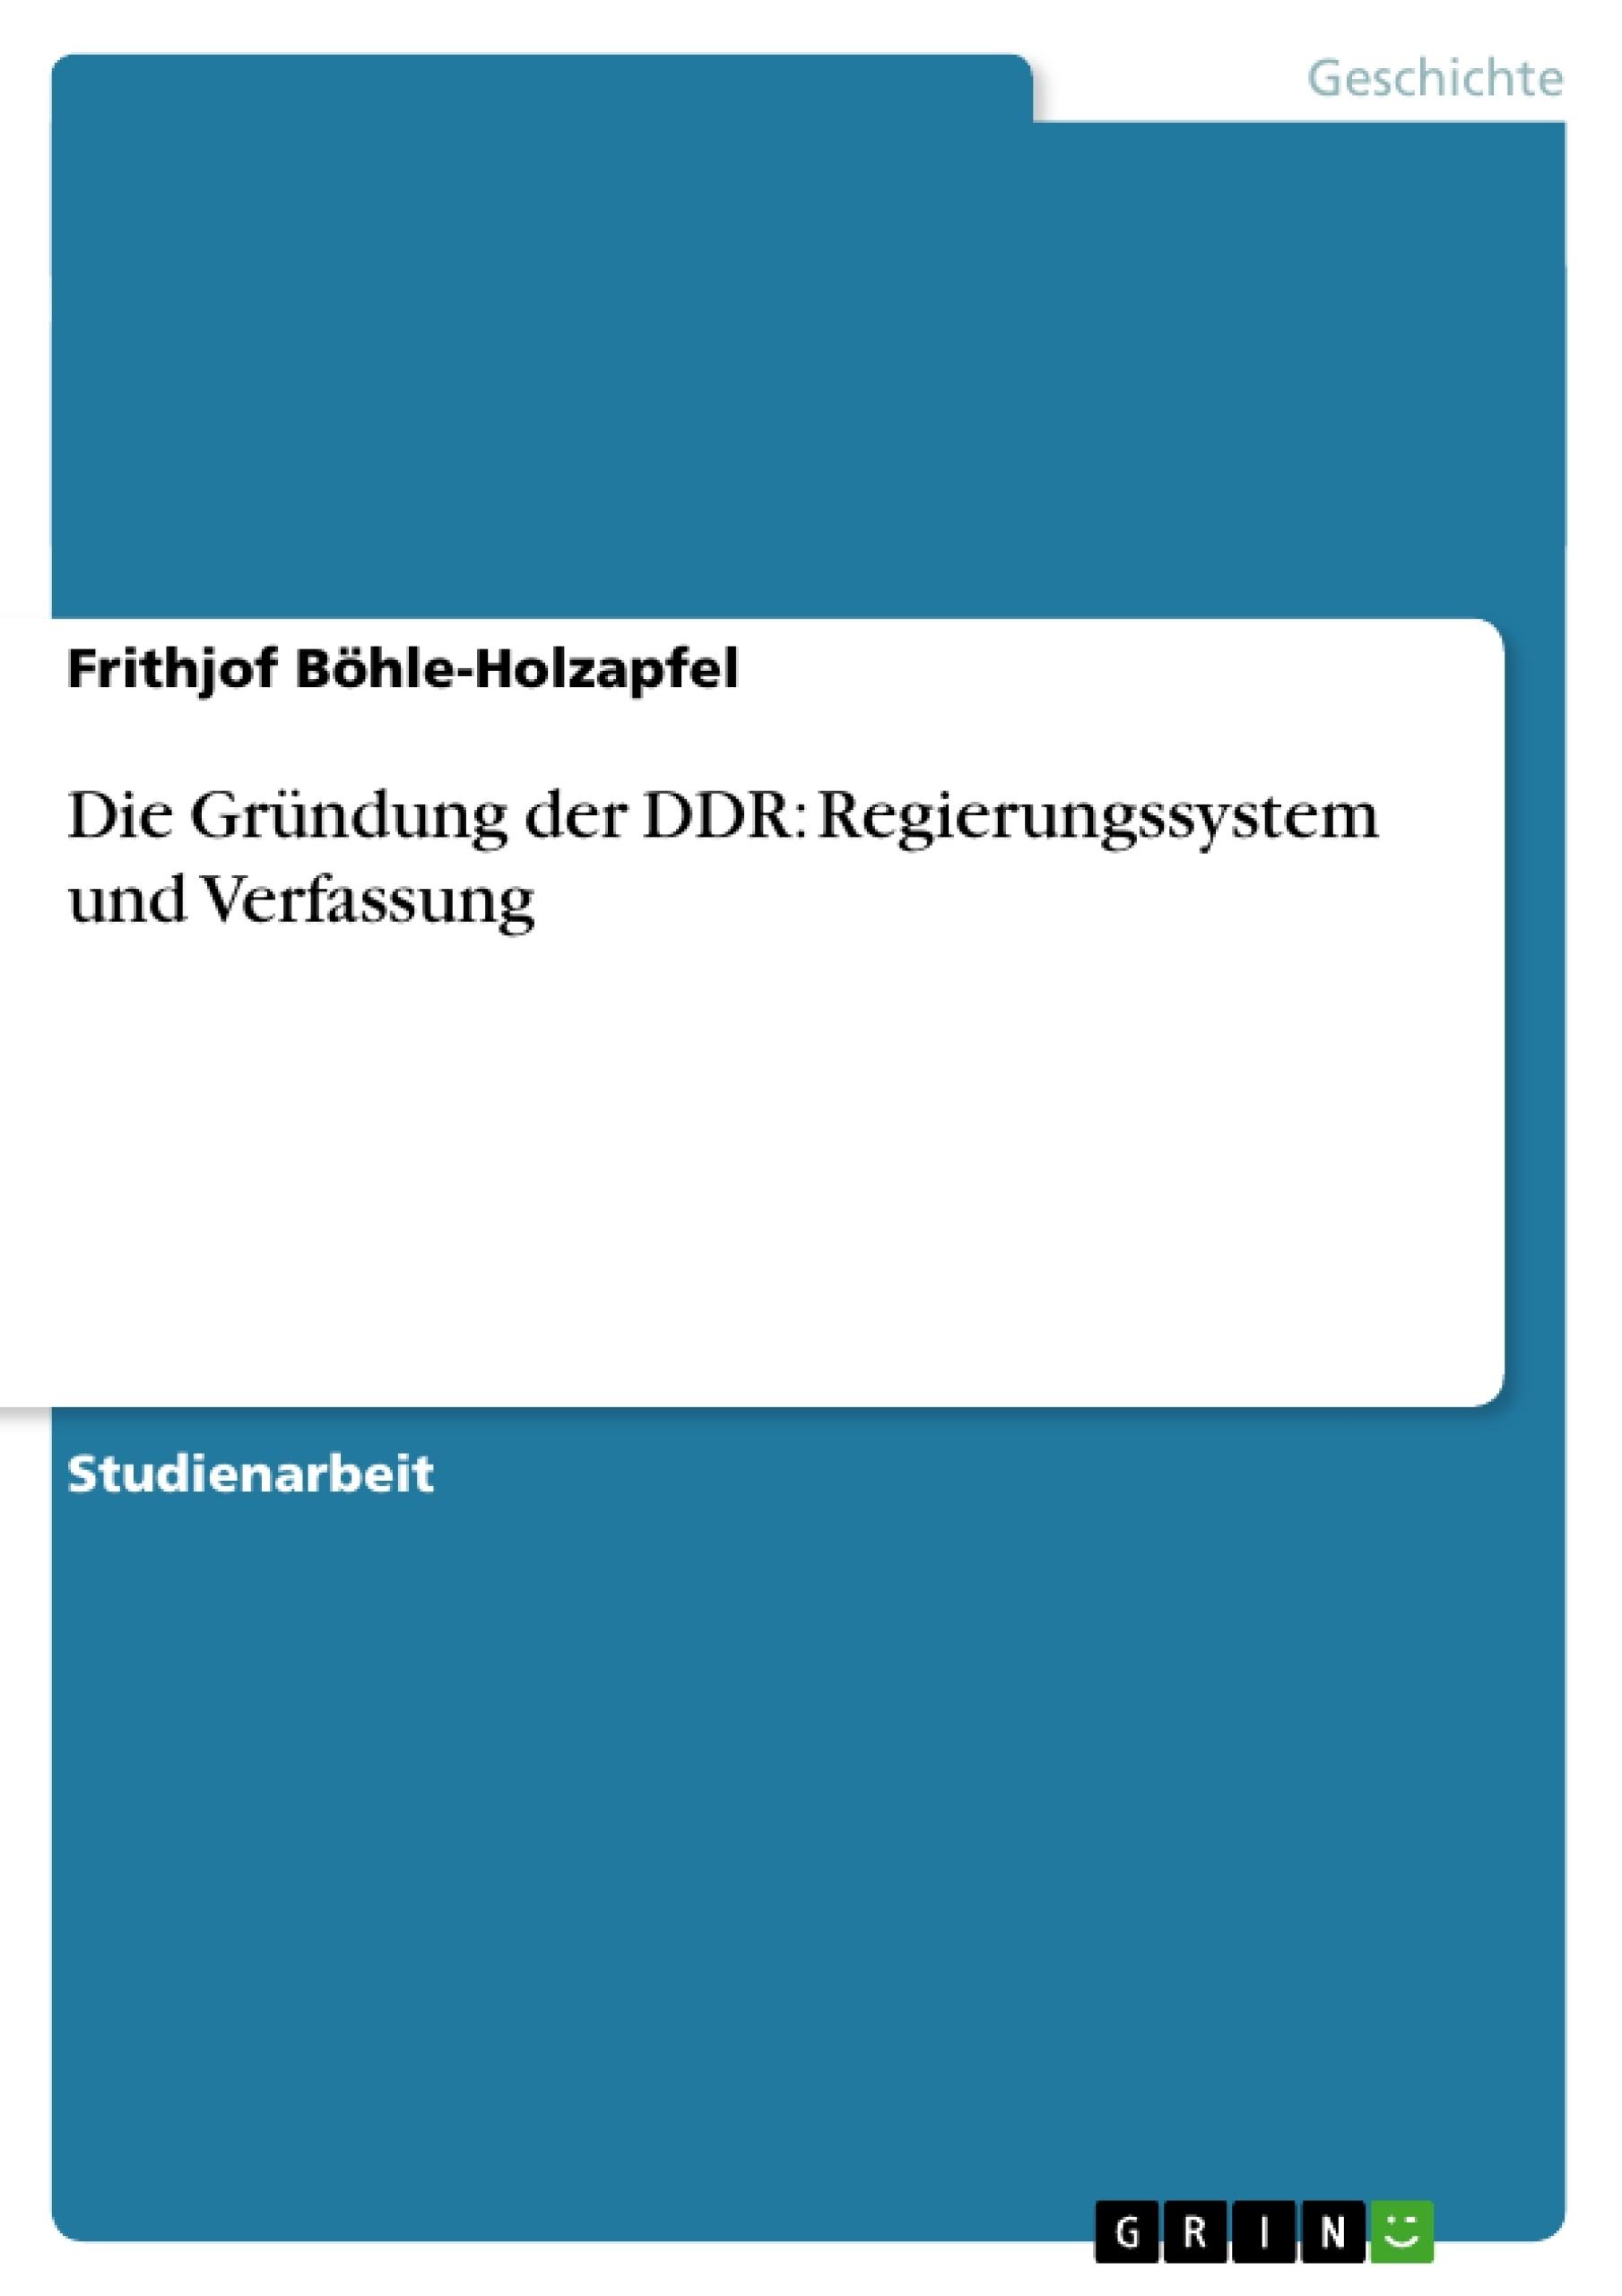 Titel: Die Gründung der DDR: Regierungssystem und Verfassung